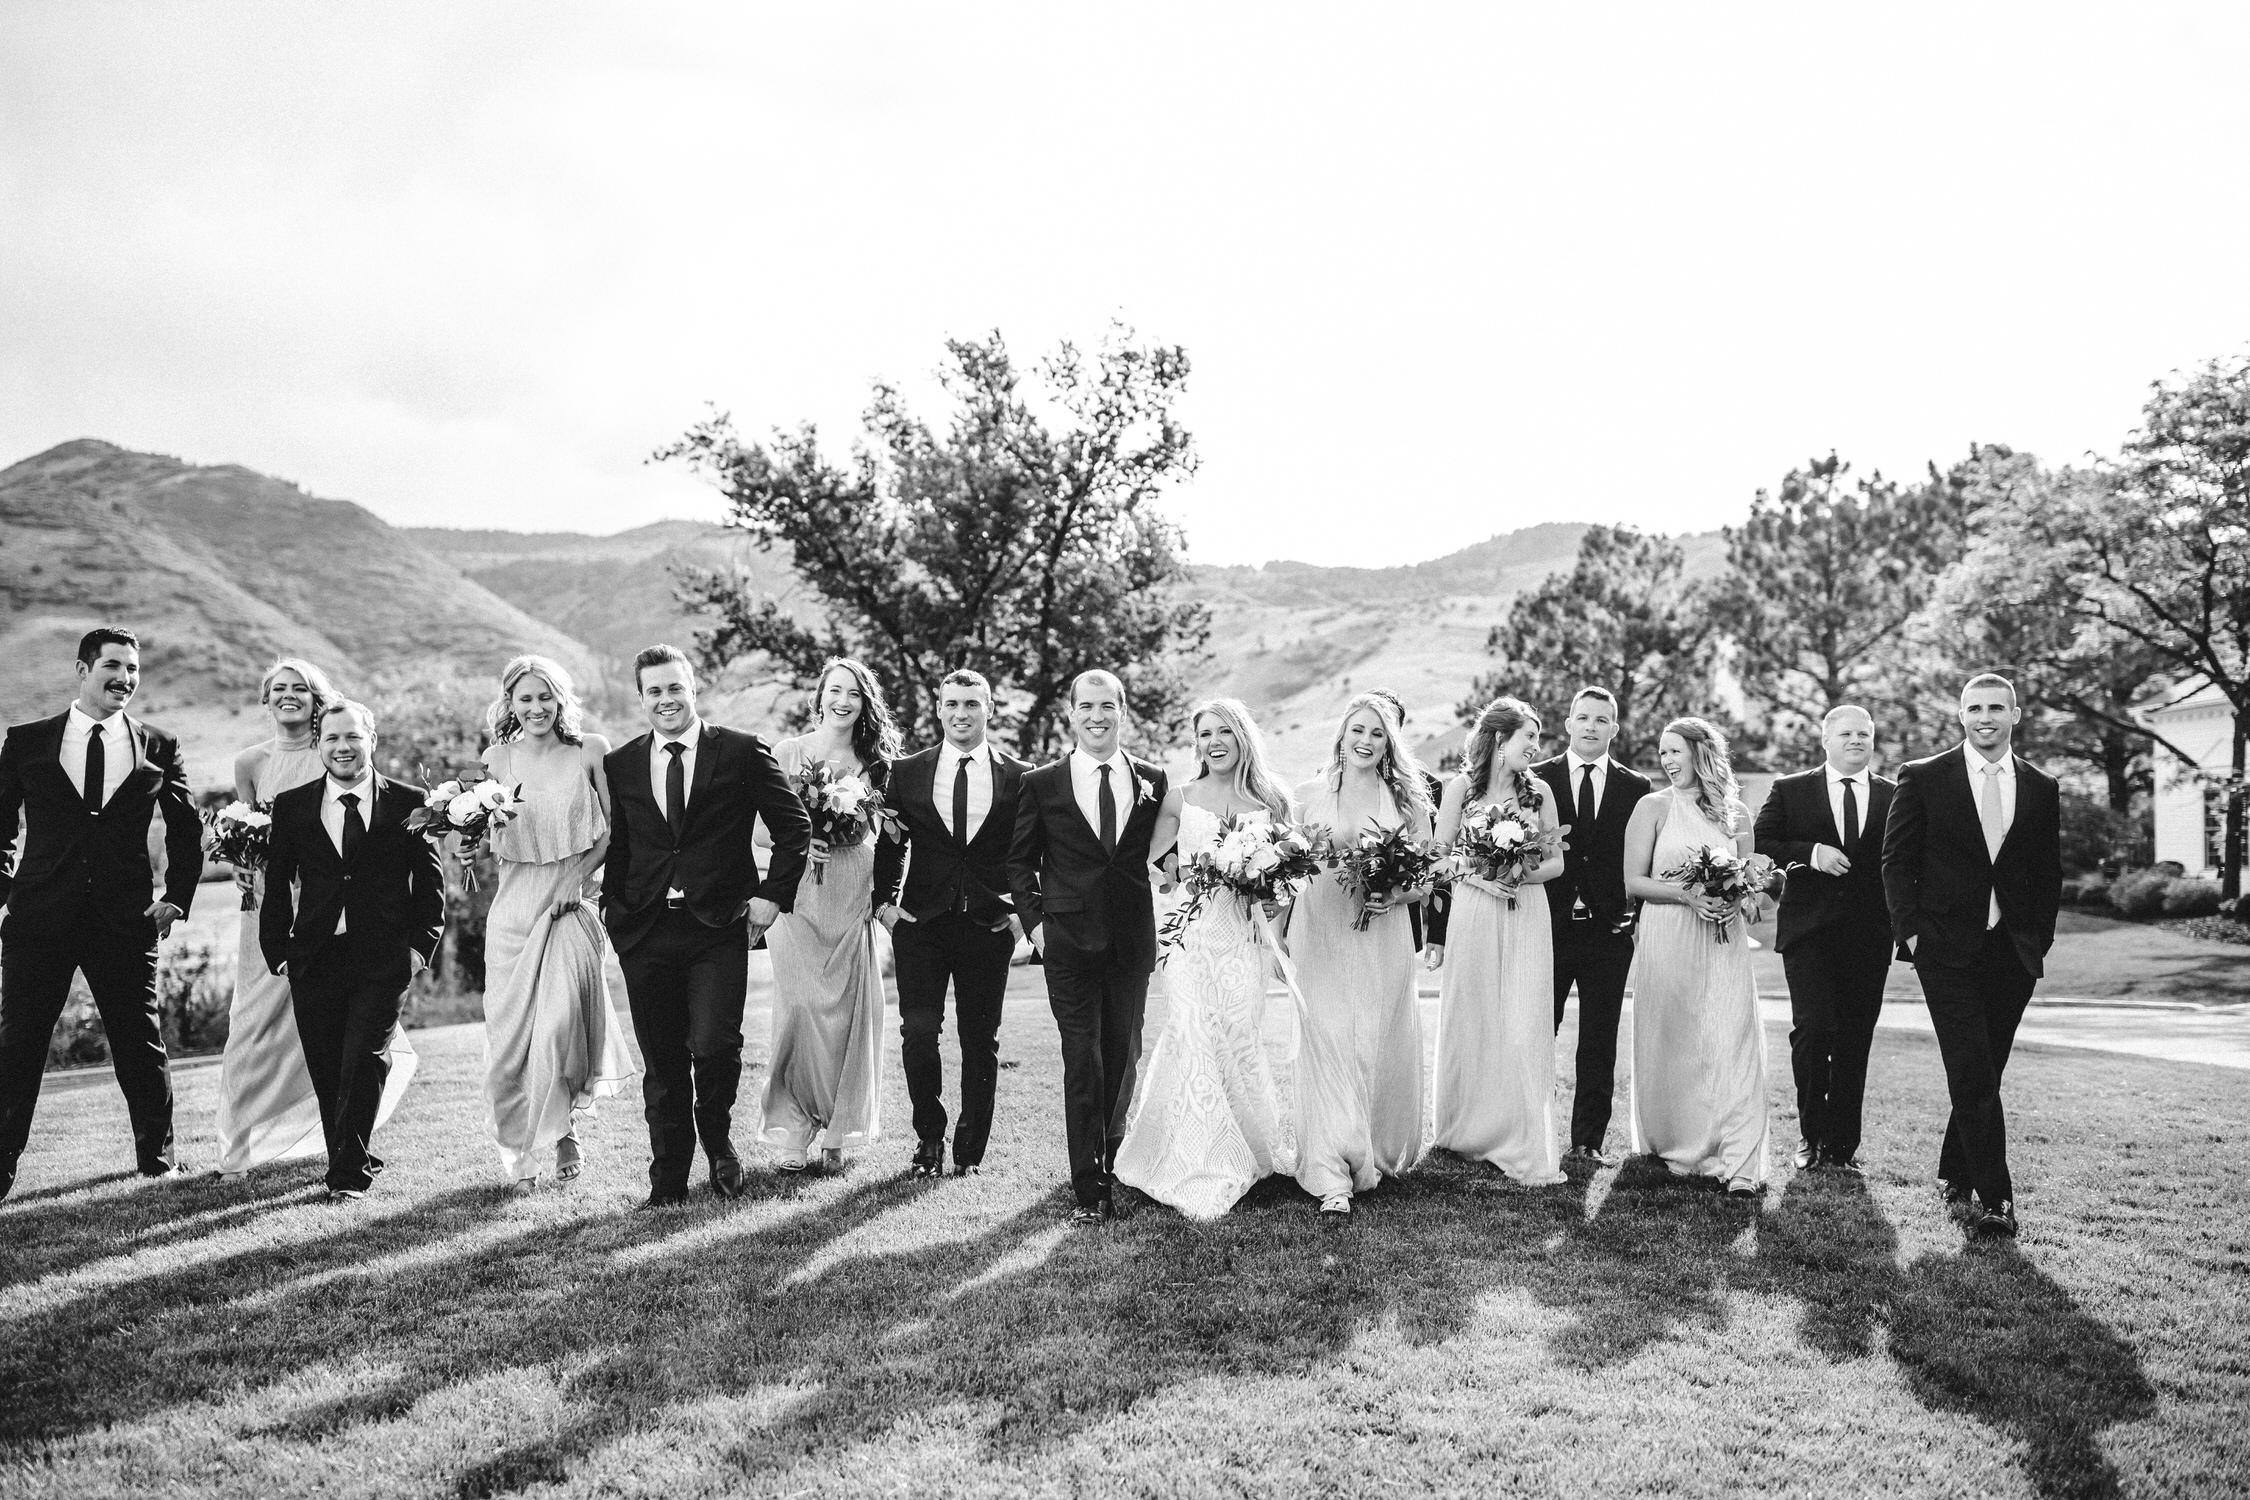 Mountain wedding photographer, wedding party, black and white